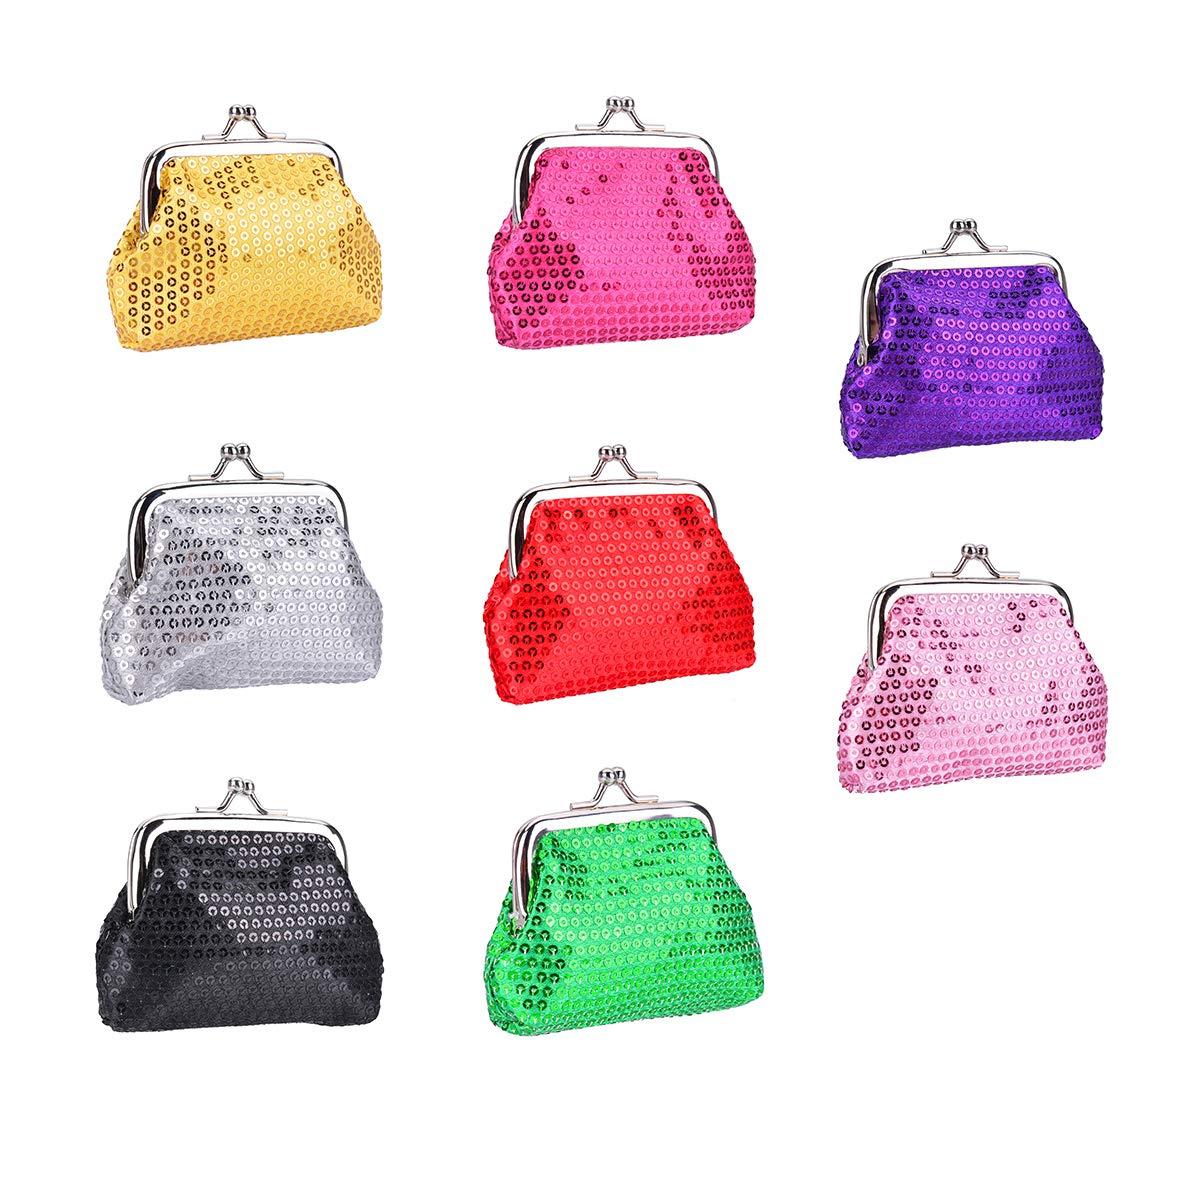 OZUAR 8 Pieces Children Coin Bag Key Purse, Glitter Purse Cash Wallet Money Purse Pouch with Clasp Closure Paillette Sequin Design for Girls Kids Woman 9 * 7CM, 8 Assorted Colors